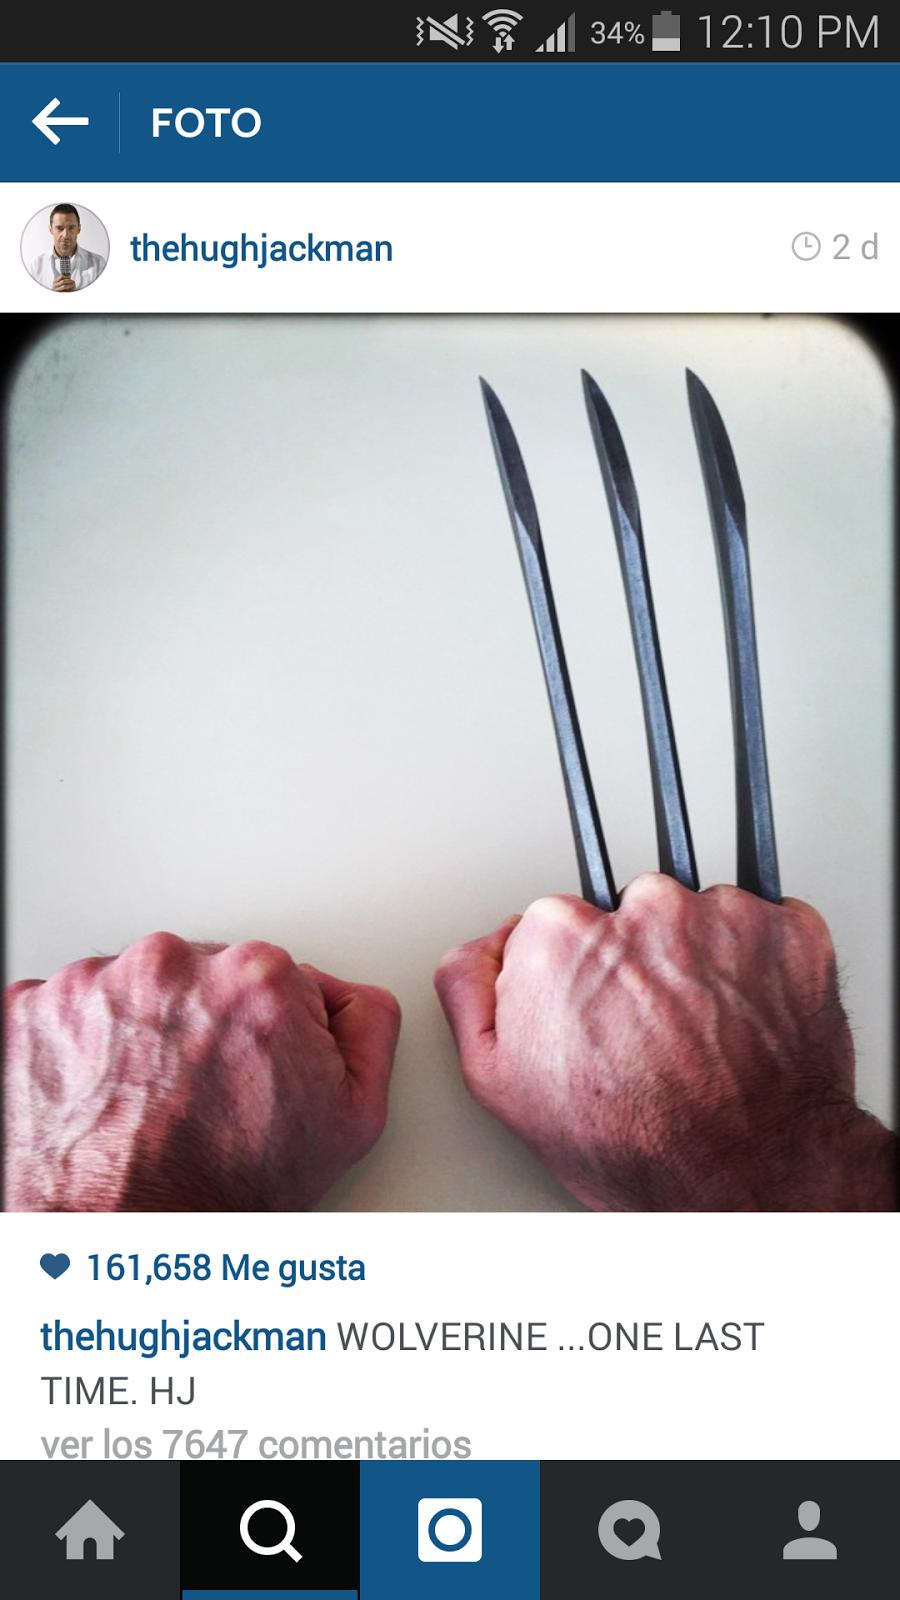 Garras de Wolverine en Hugh Jackman